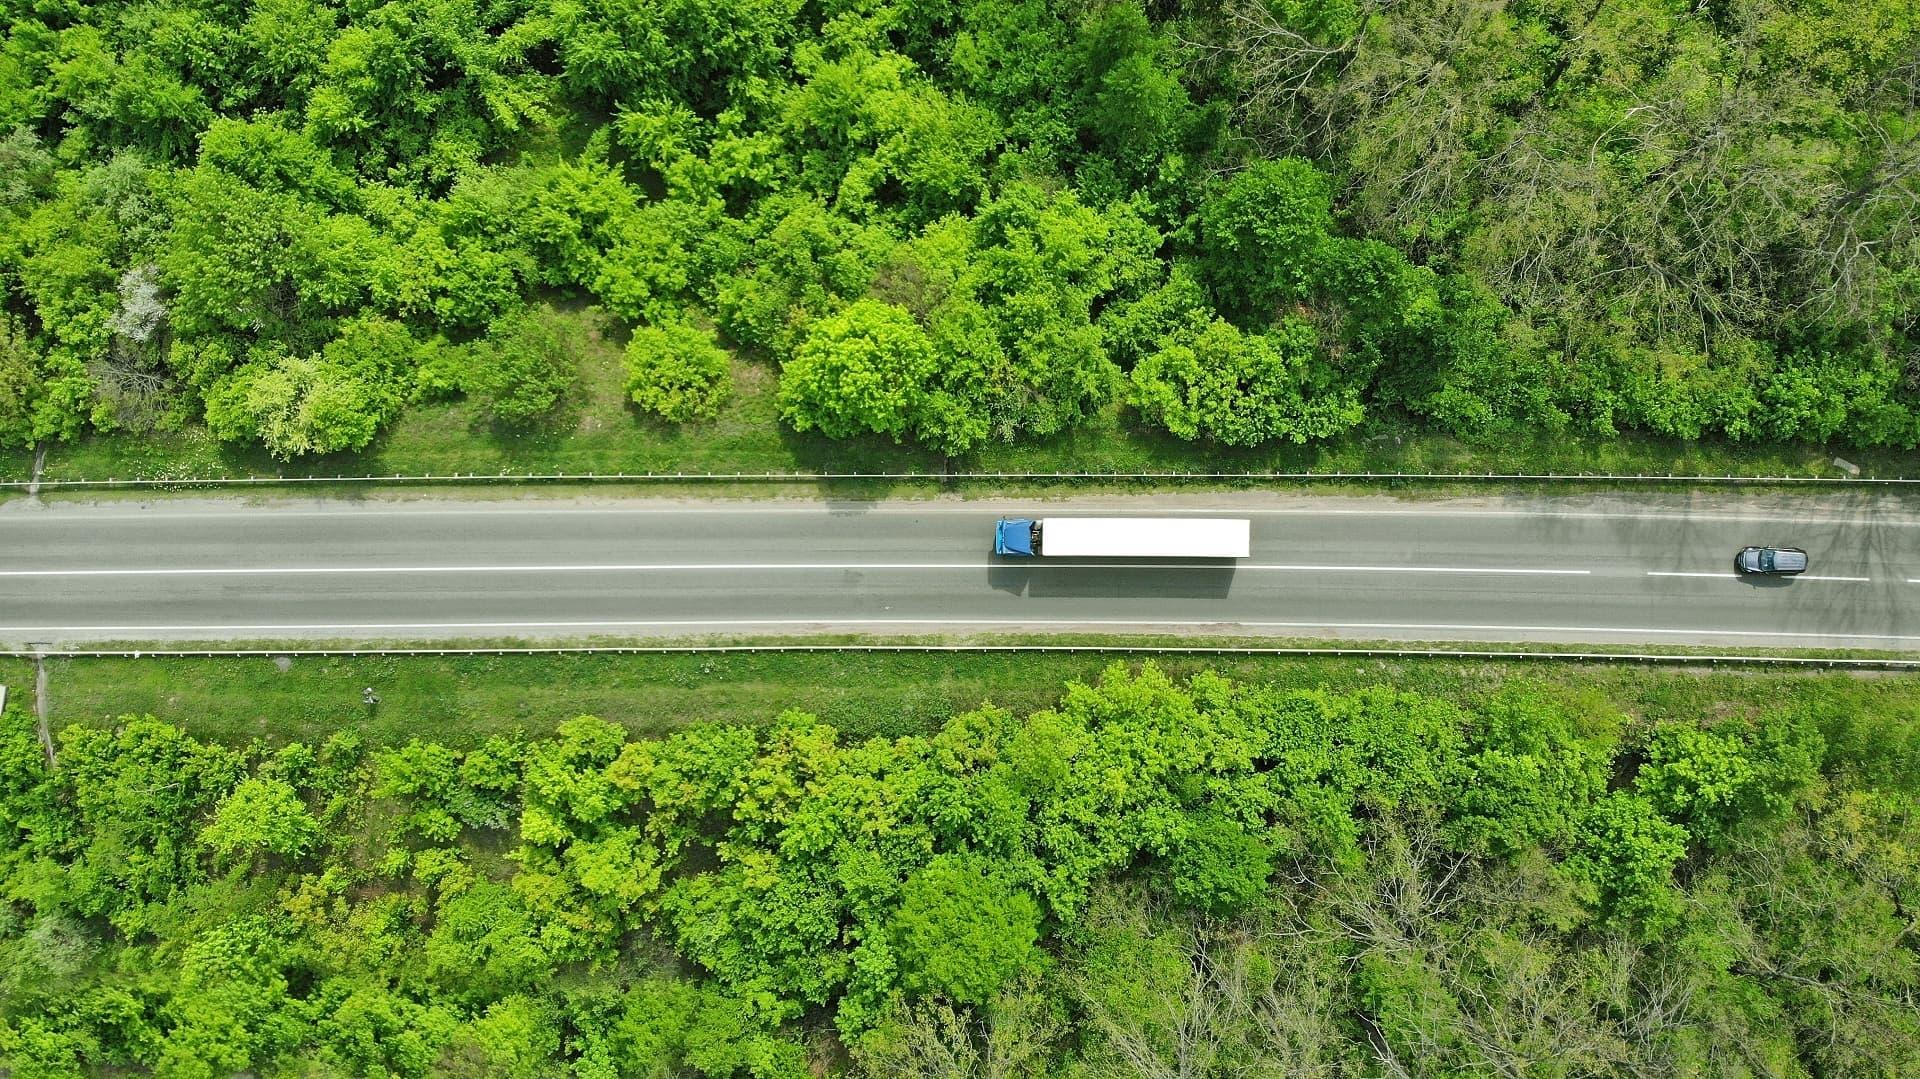 Lkw auf Autobahn, links und rechts daneben Wald